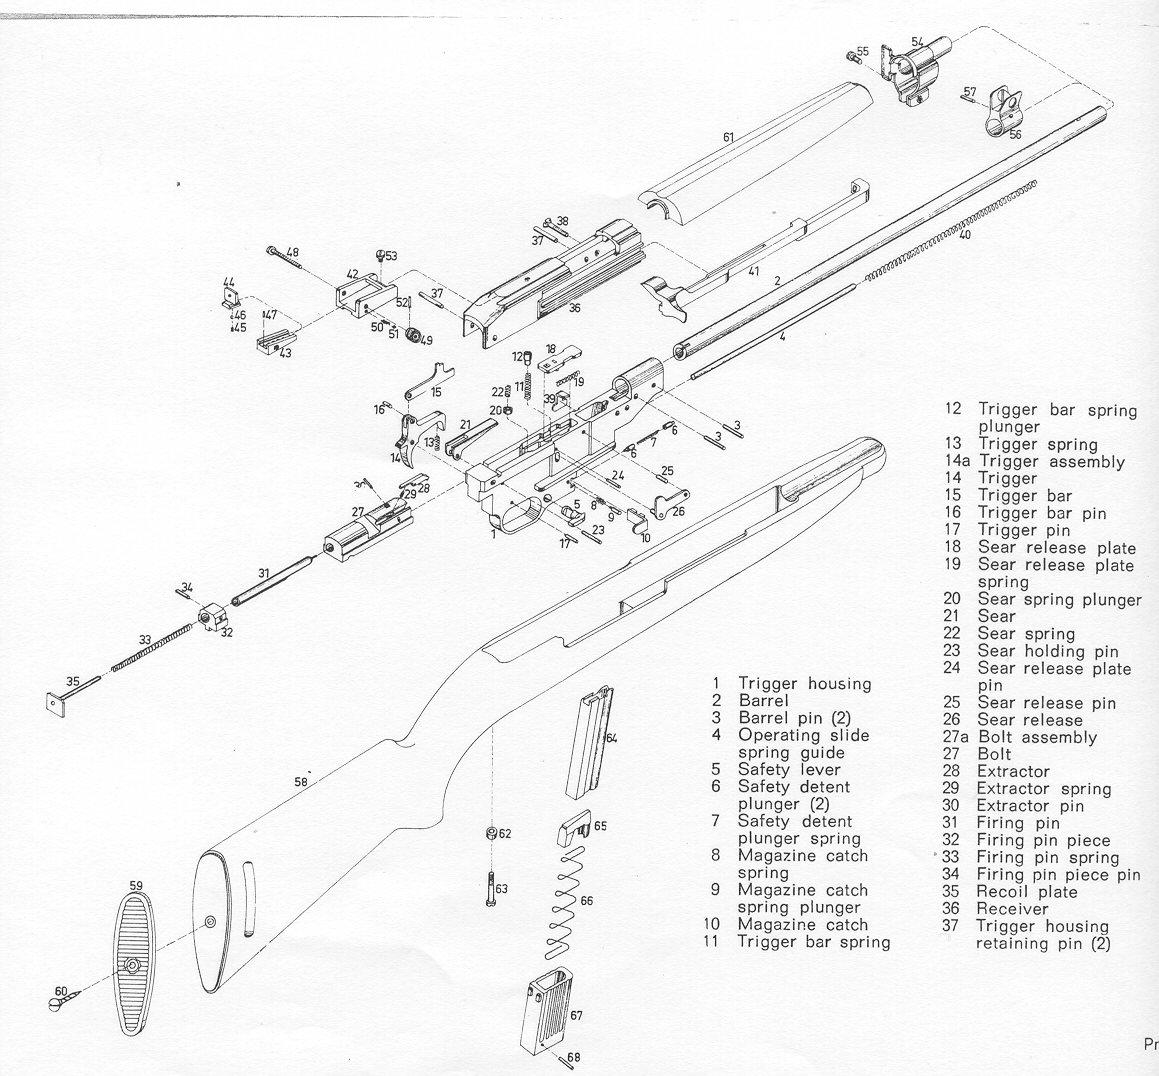 taurus model 66 parts diagram